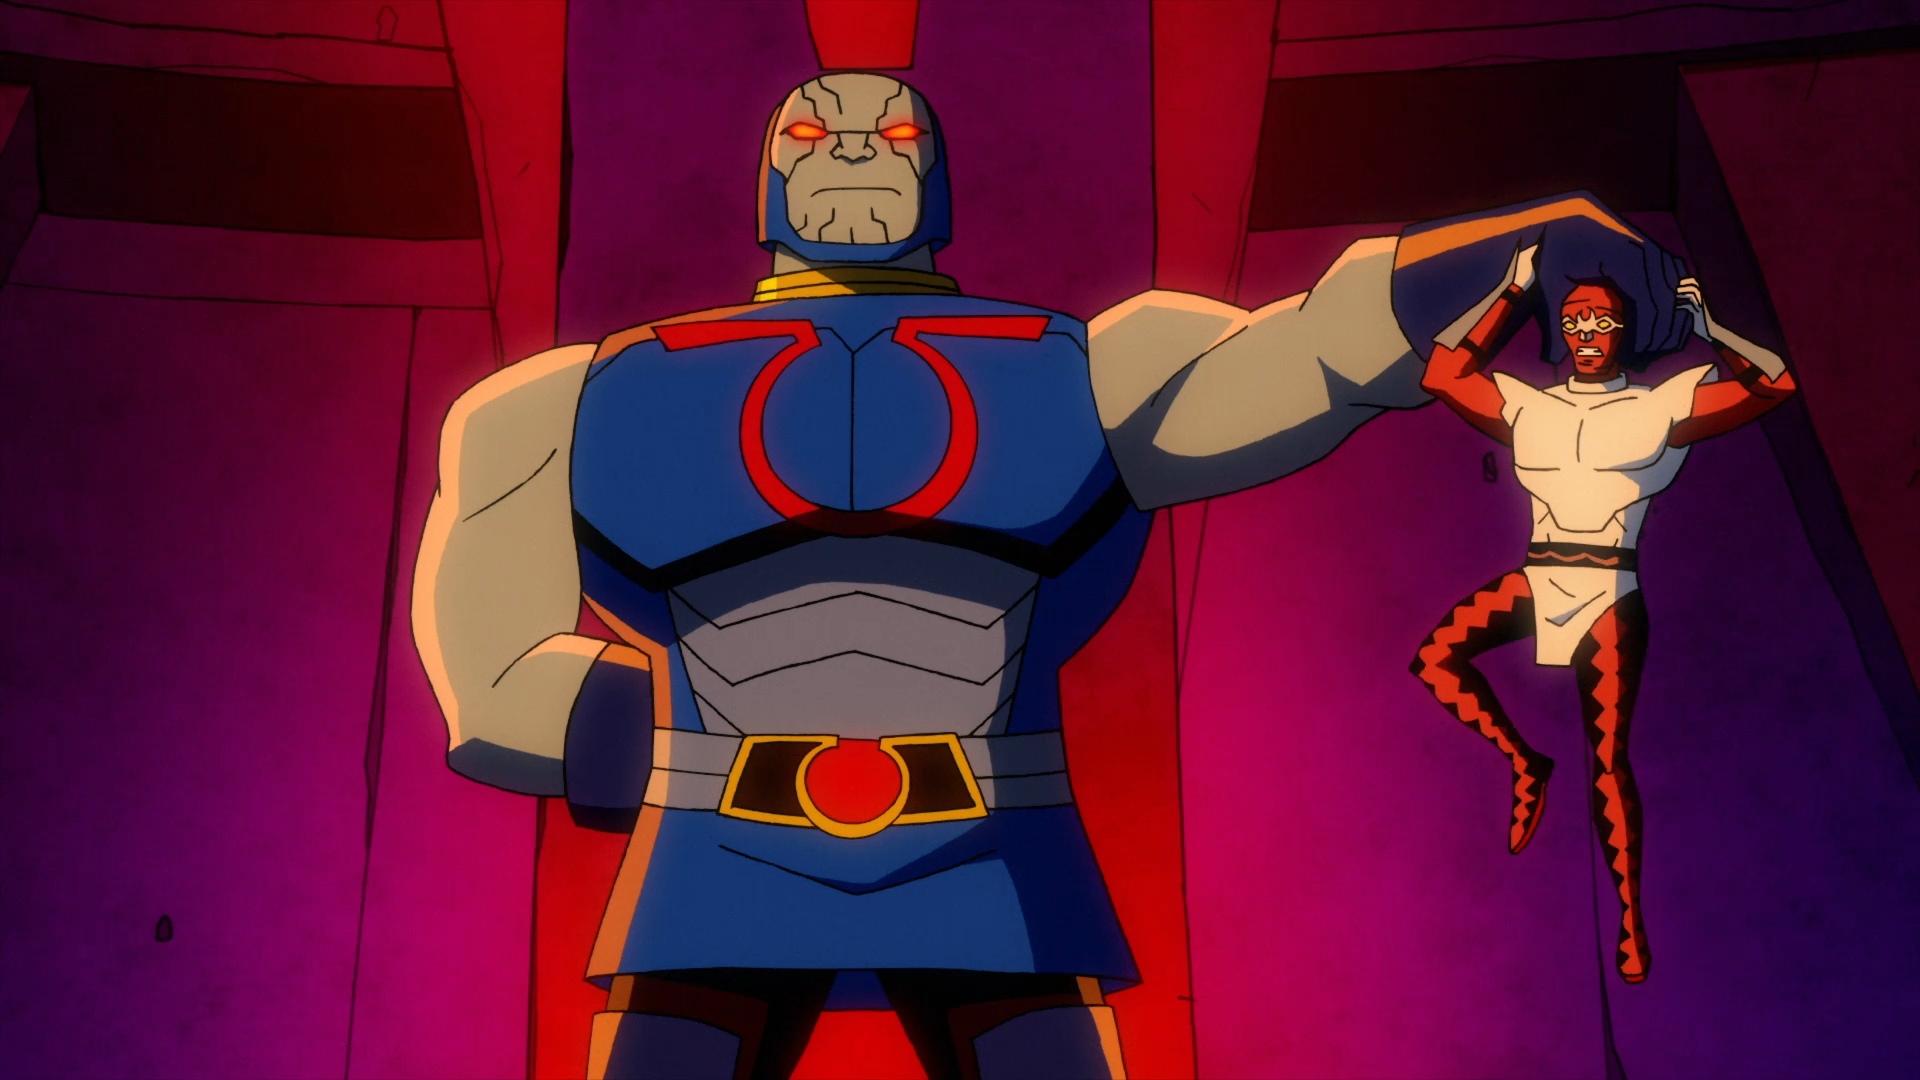 Darkseid (Harley Quinn TV Series)